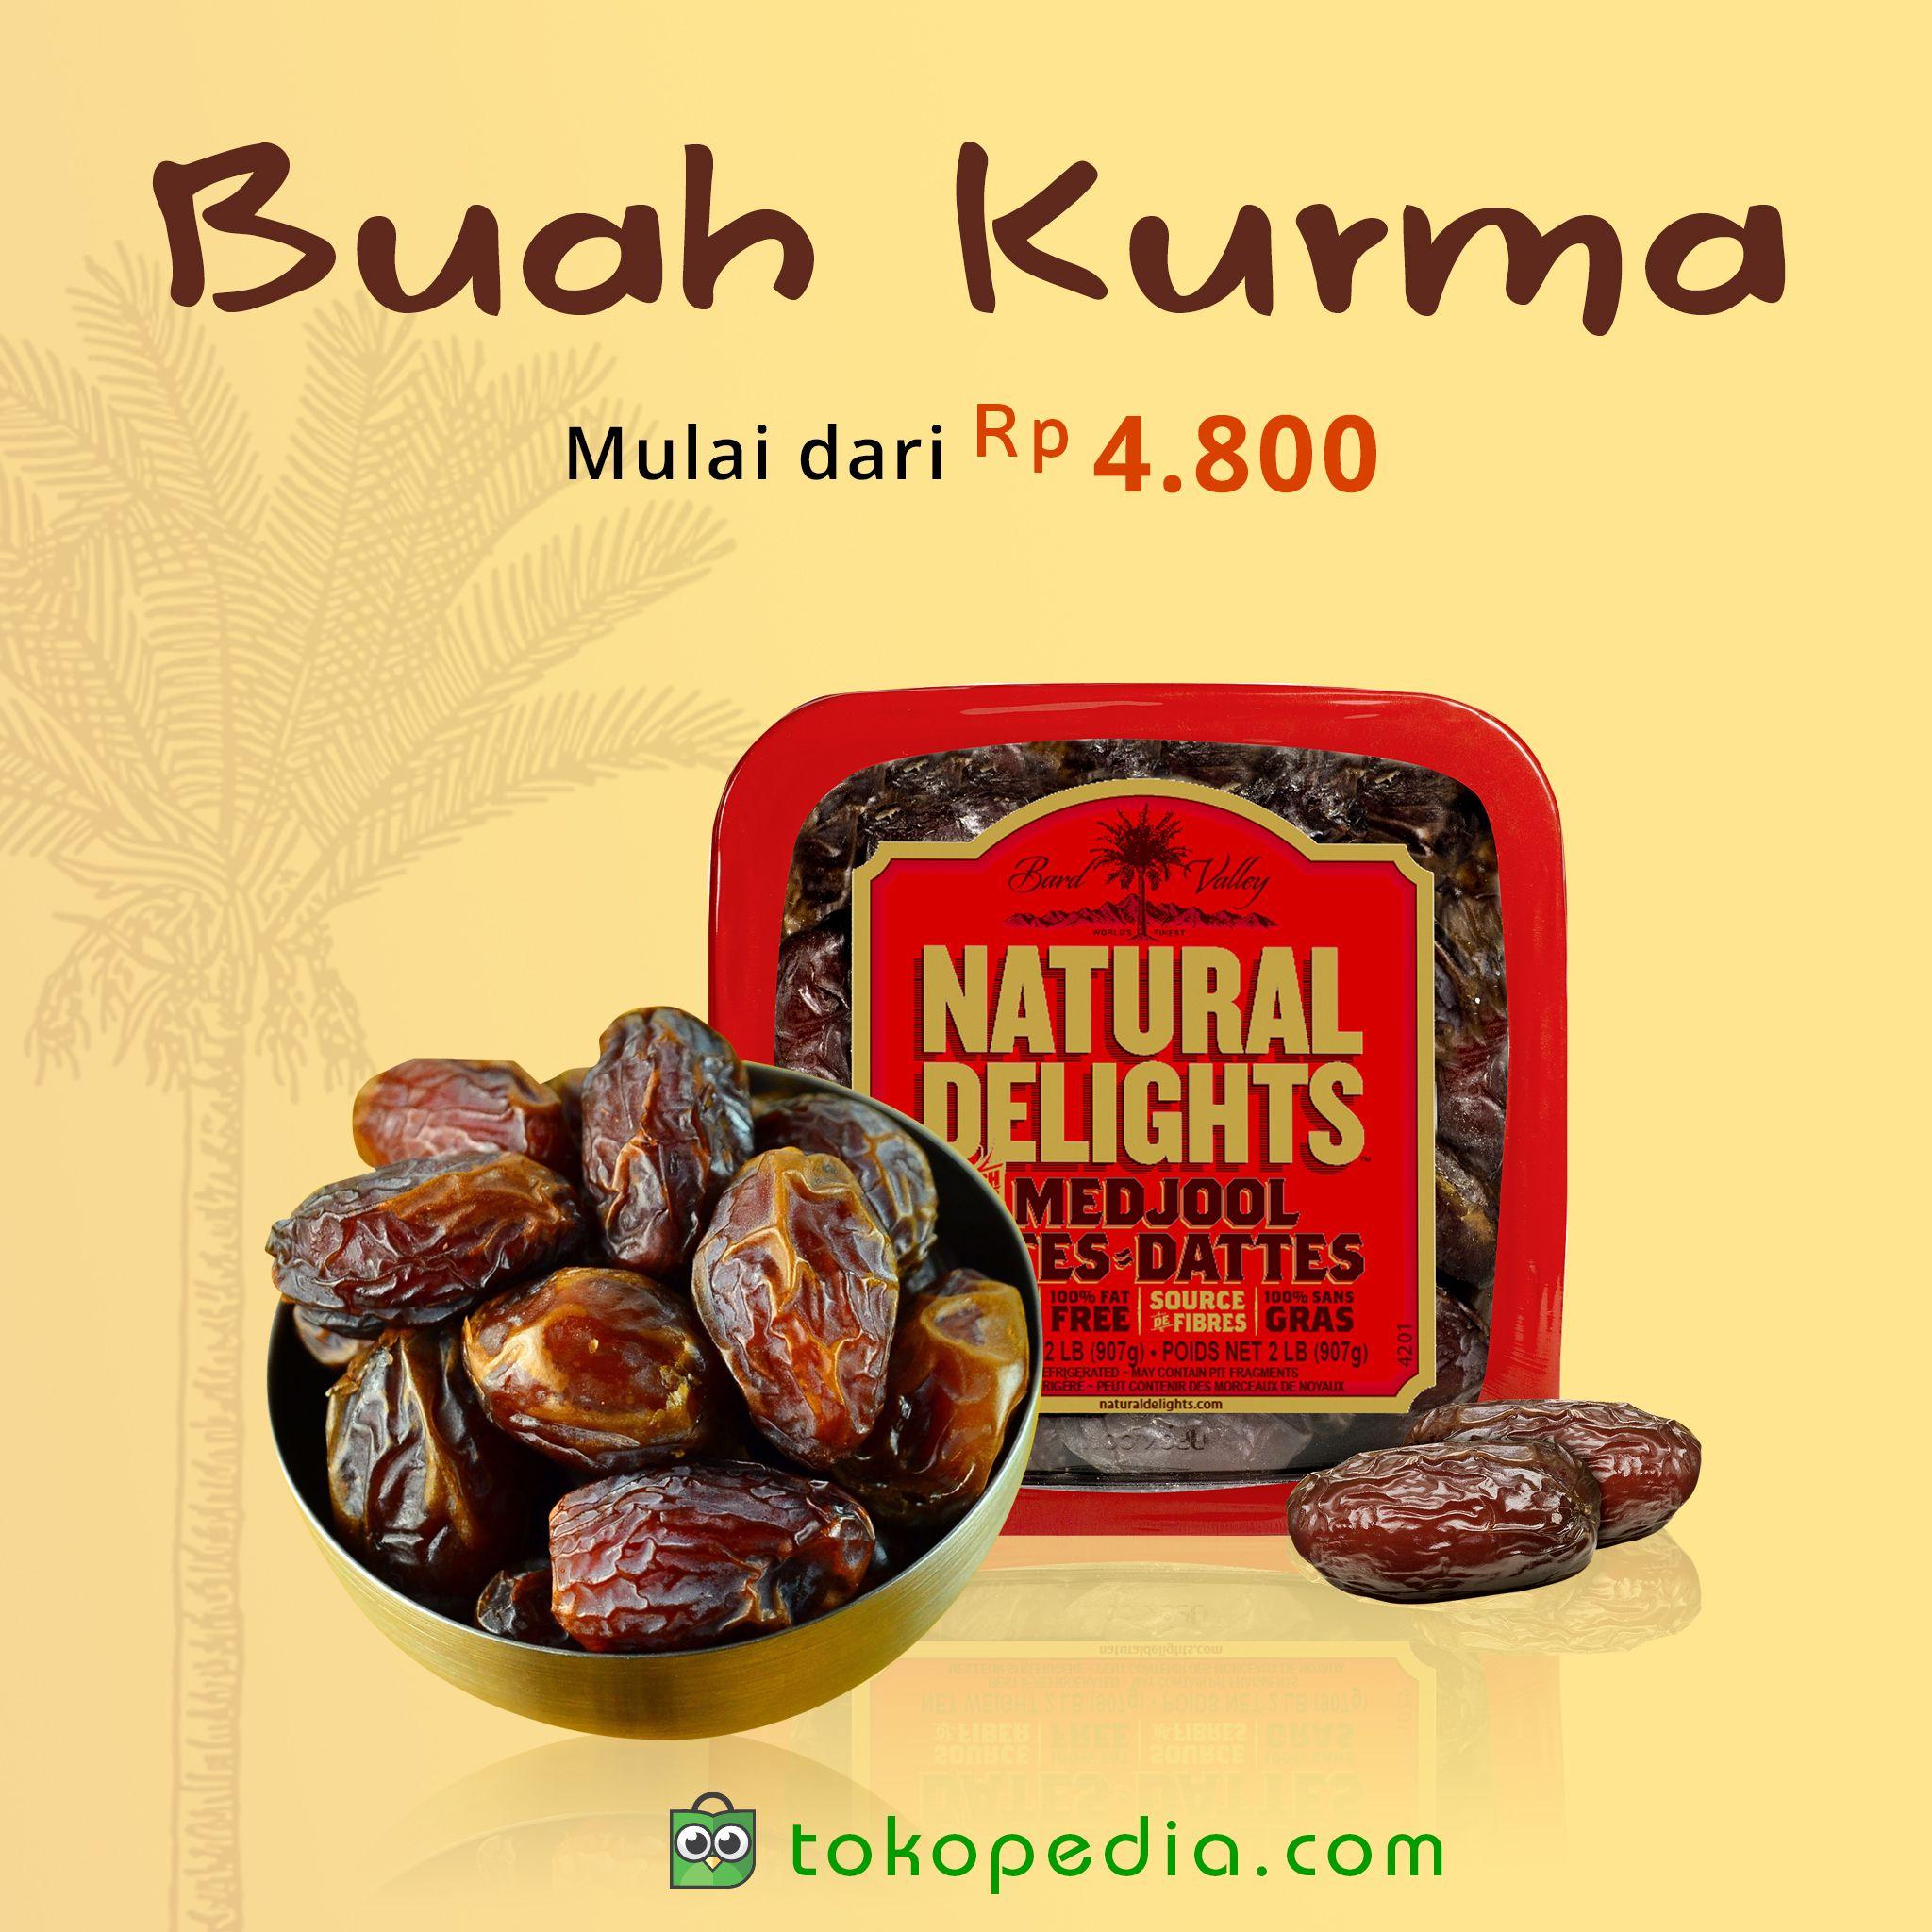 Buah Kurma menjadi salah satu pilihan favorit kala berbuka di bulan suci Ramadhan, karena memiliki nutrisi tinggi dan rasanya manis. Yuk dapatkan Buah Kurma berkualitas dengan harga murah, mulai dari Rp 4.800,- (harga bervariasi) di http://www.tokopedia.com/hot/buah-kurma